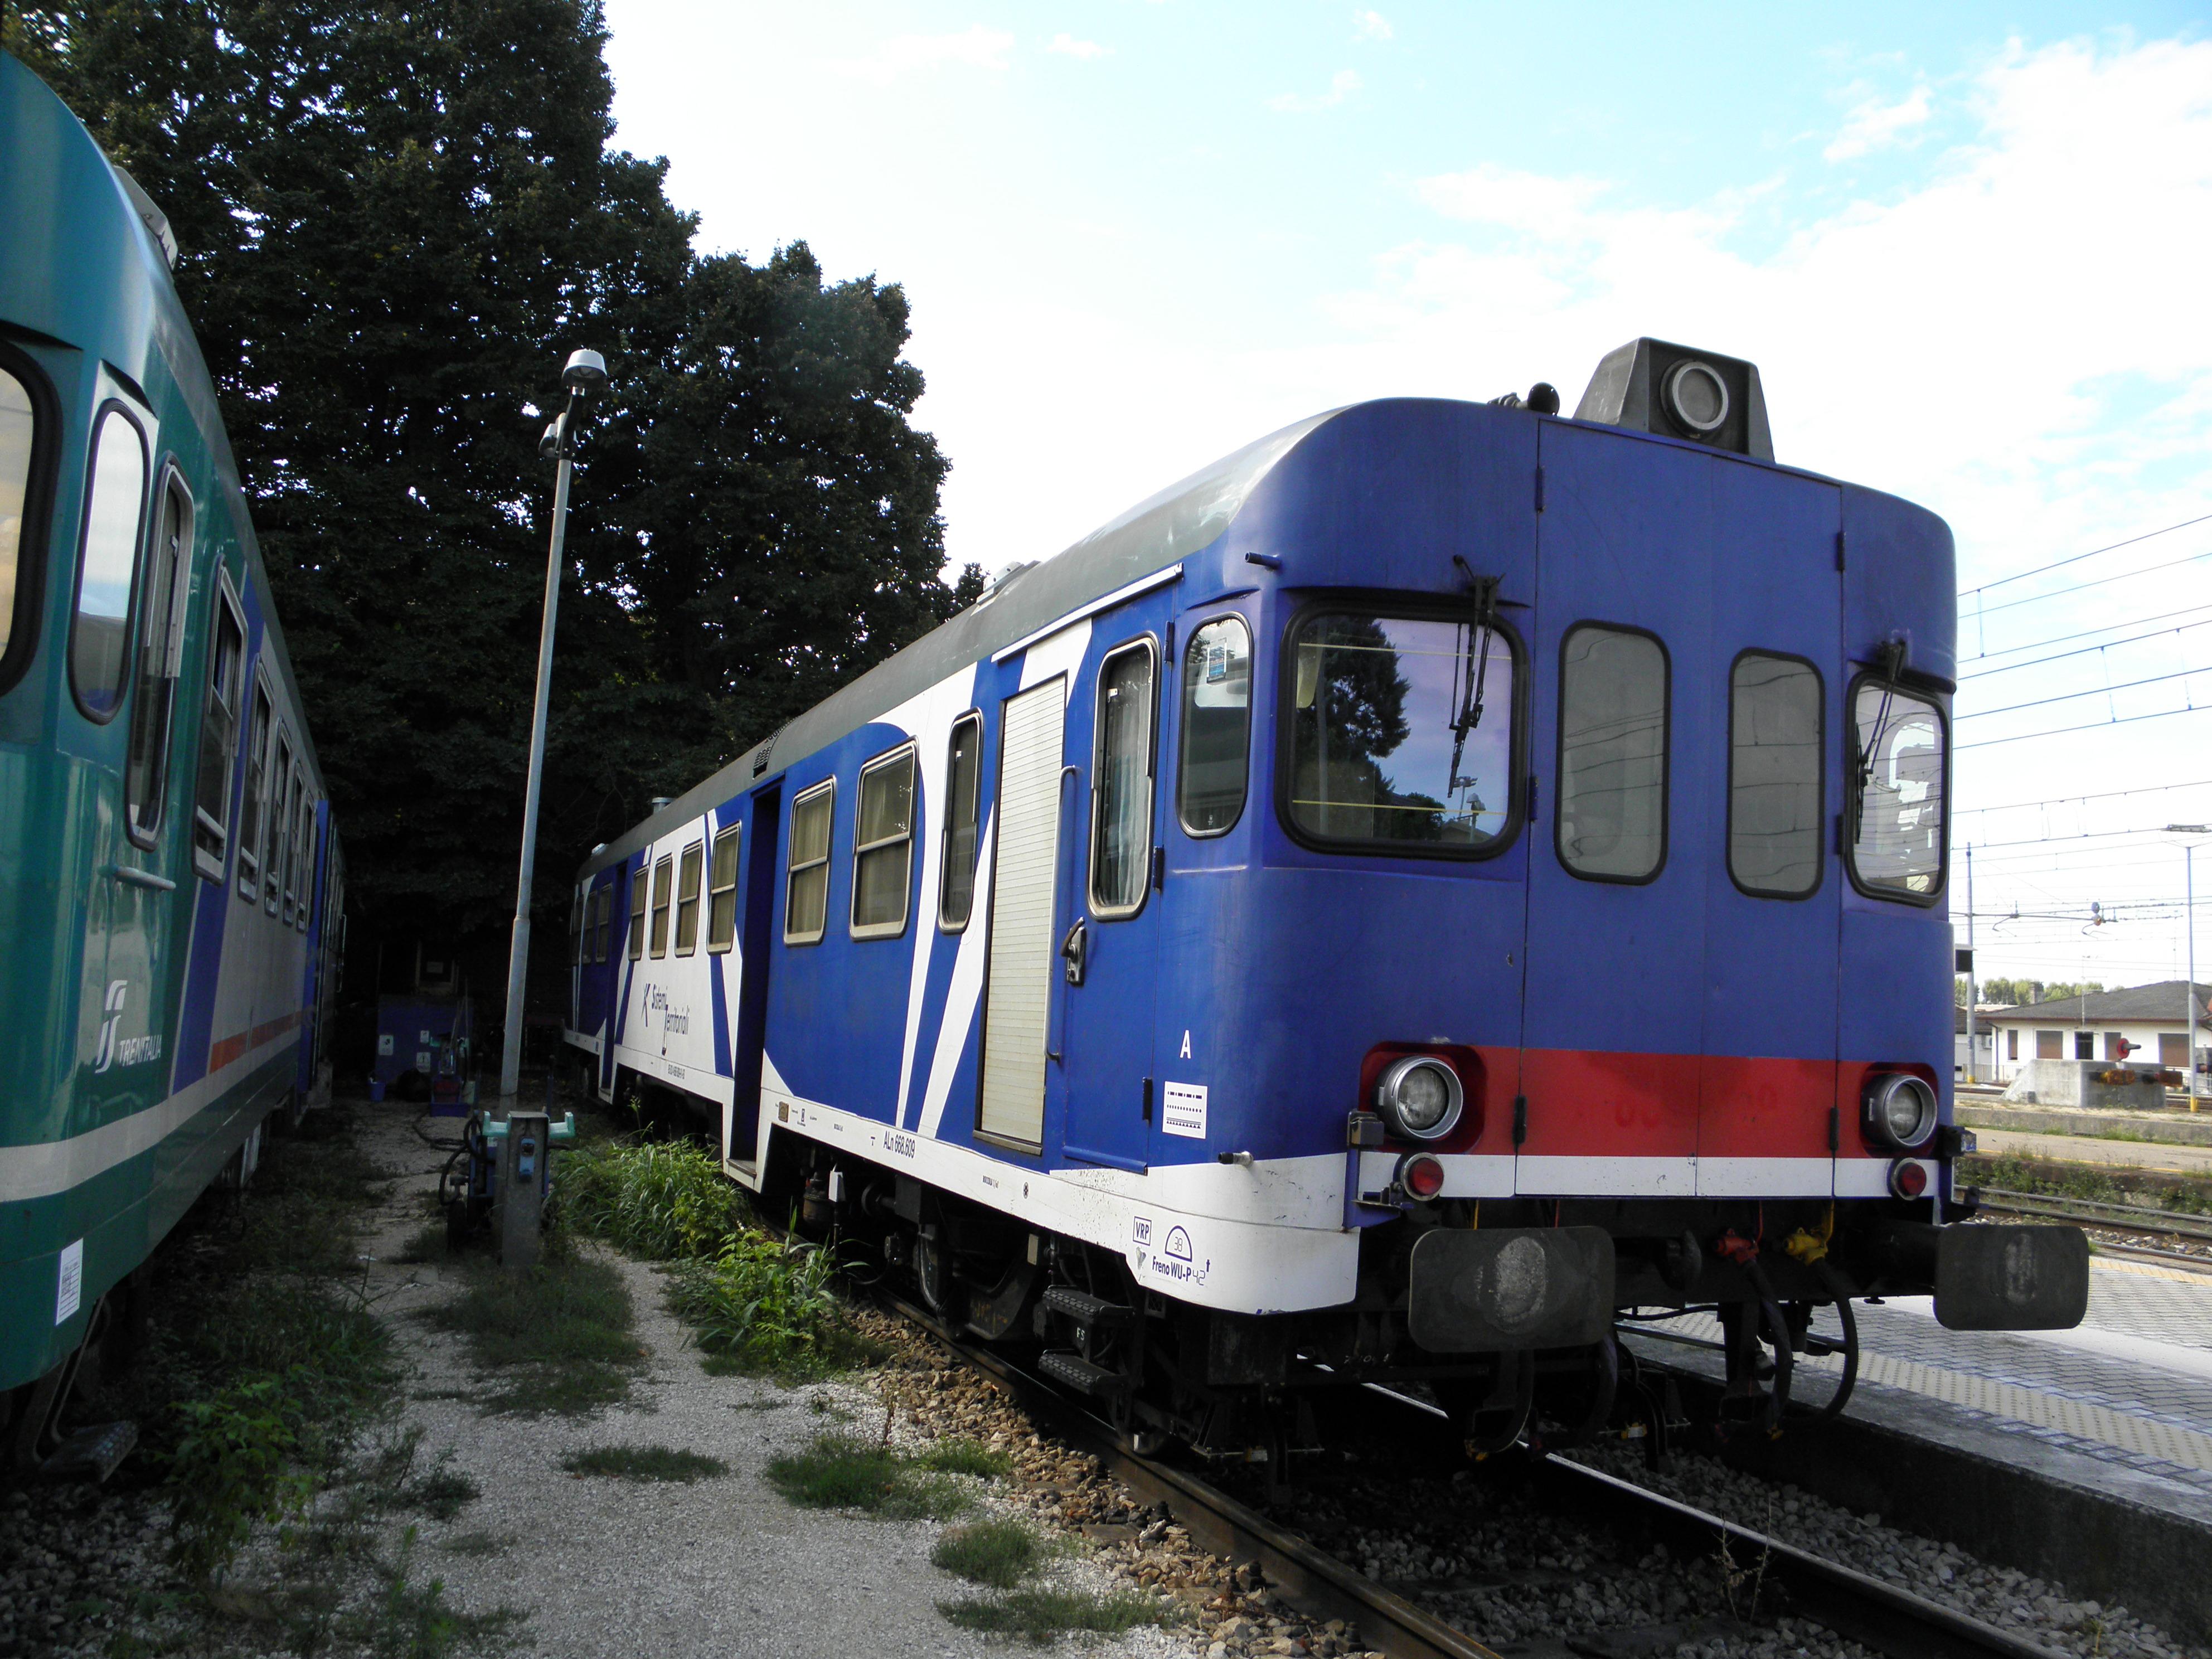 File:Aln 668 609 SI, Stazione di Rovigo, deposito.JPG